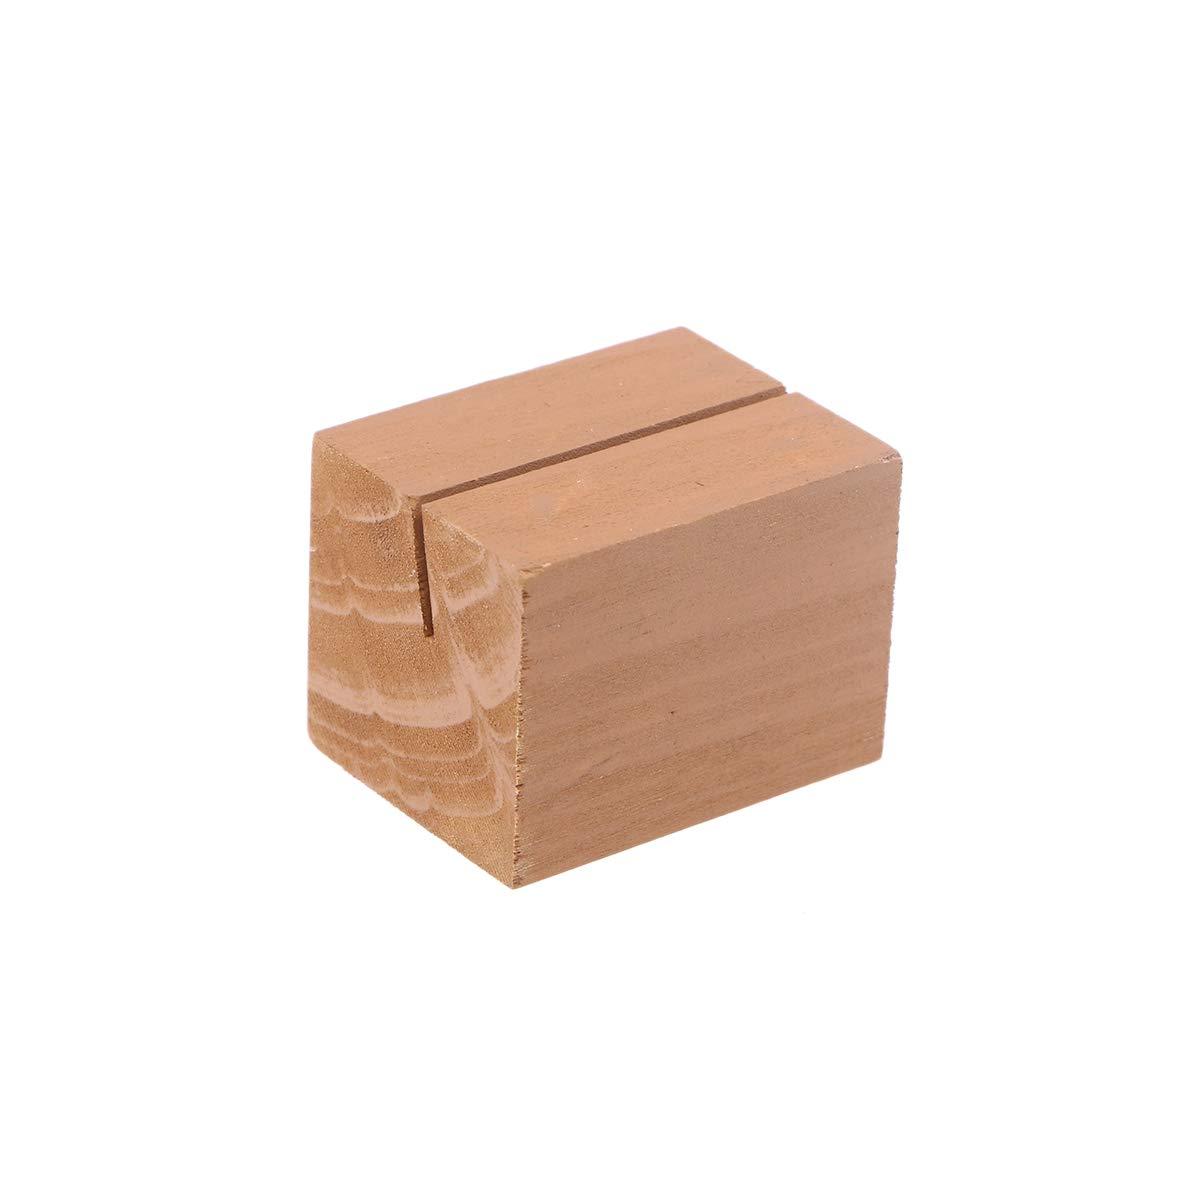 Healifty Tarjeteros de madera lugar de mesa de posici/ón de ranura rectangular de madera natural r/ústico